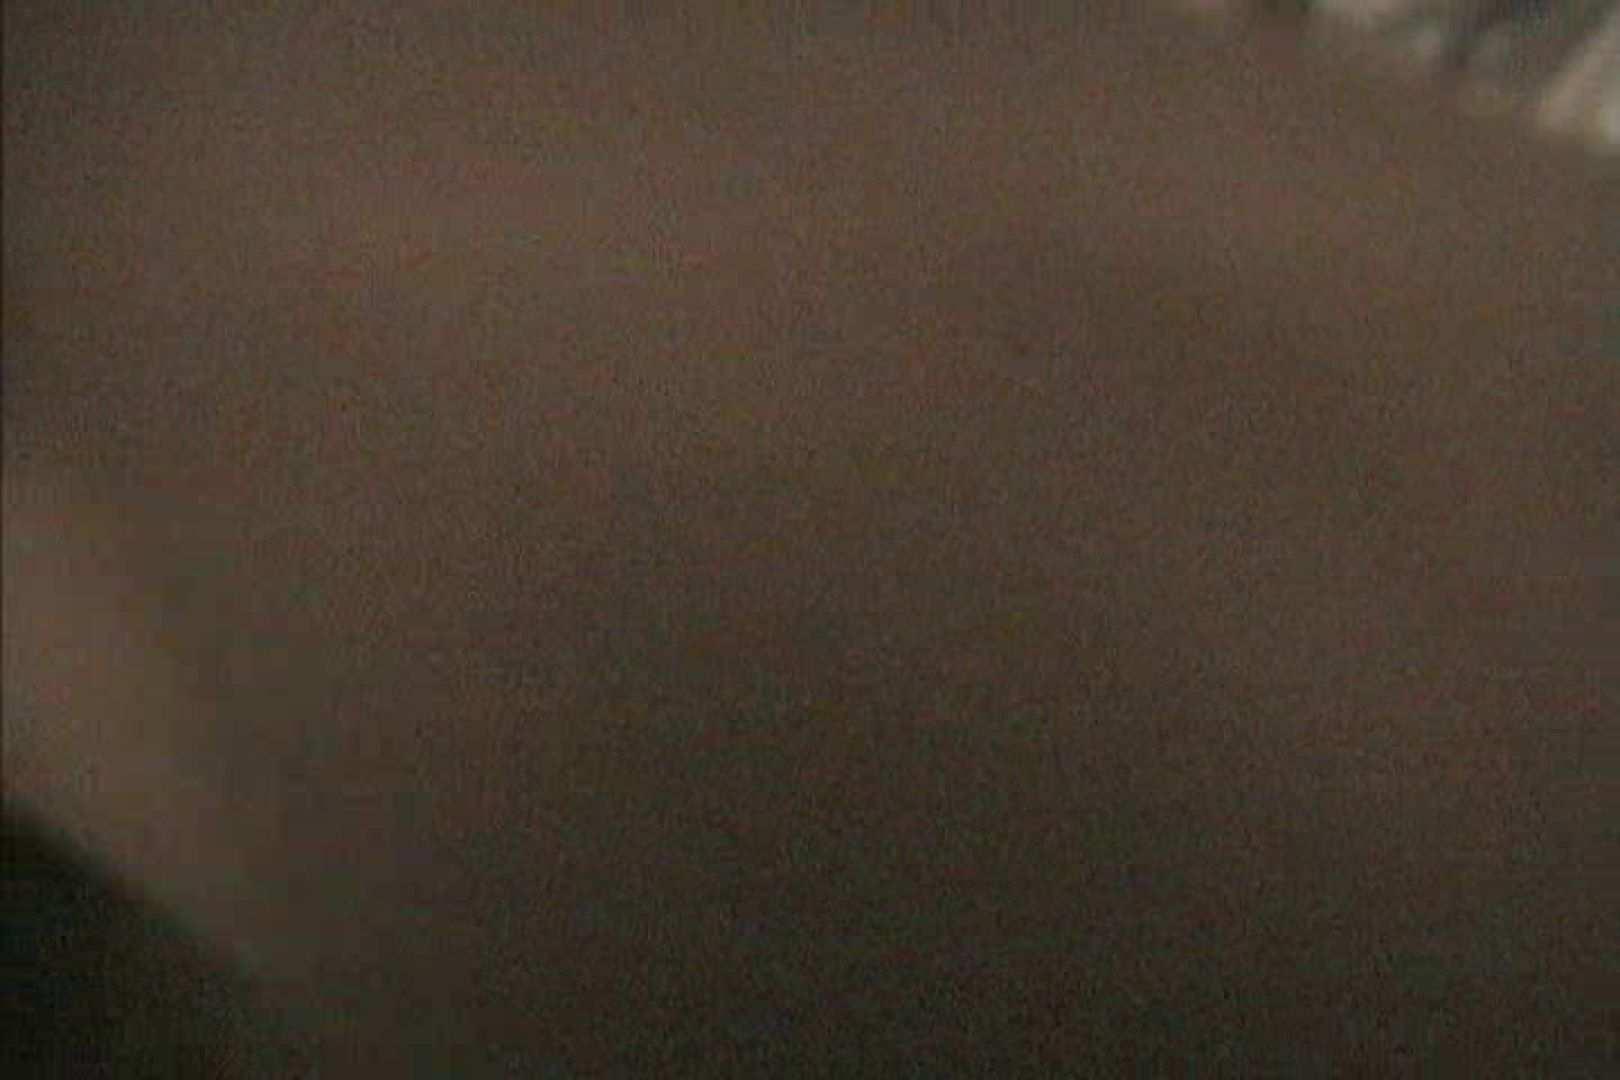 いっくんの調教! 18歳変態レズっ子えこちゃんシリーズVol.3 セックス オメコ動画キャプチャ 81pic 12